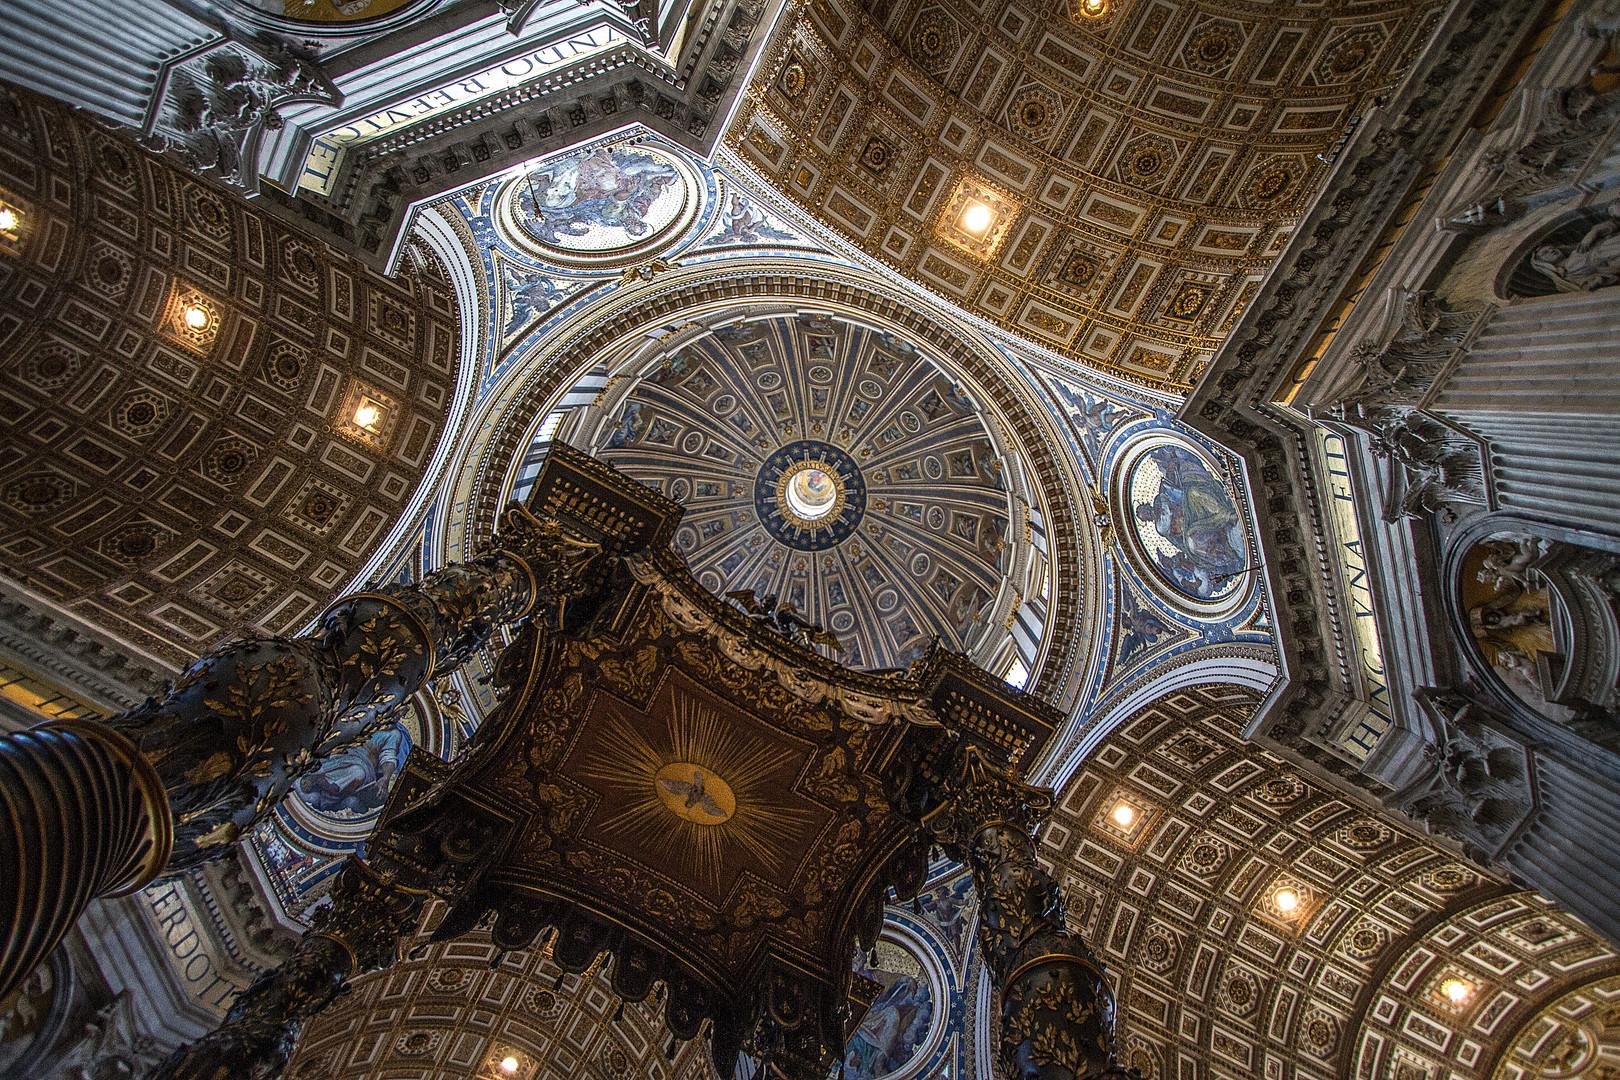 Papstaltar mit Vierung